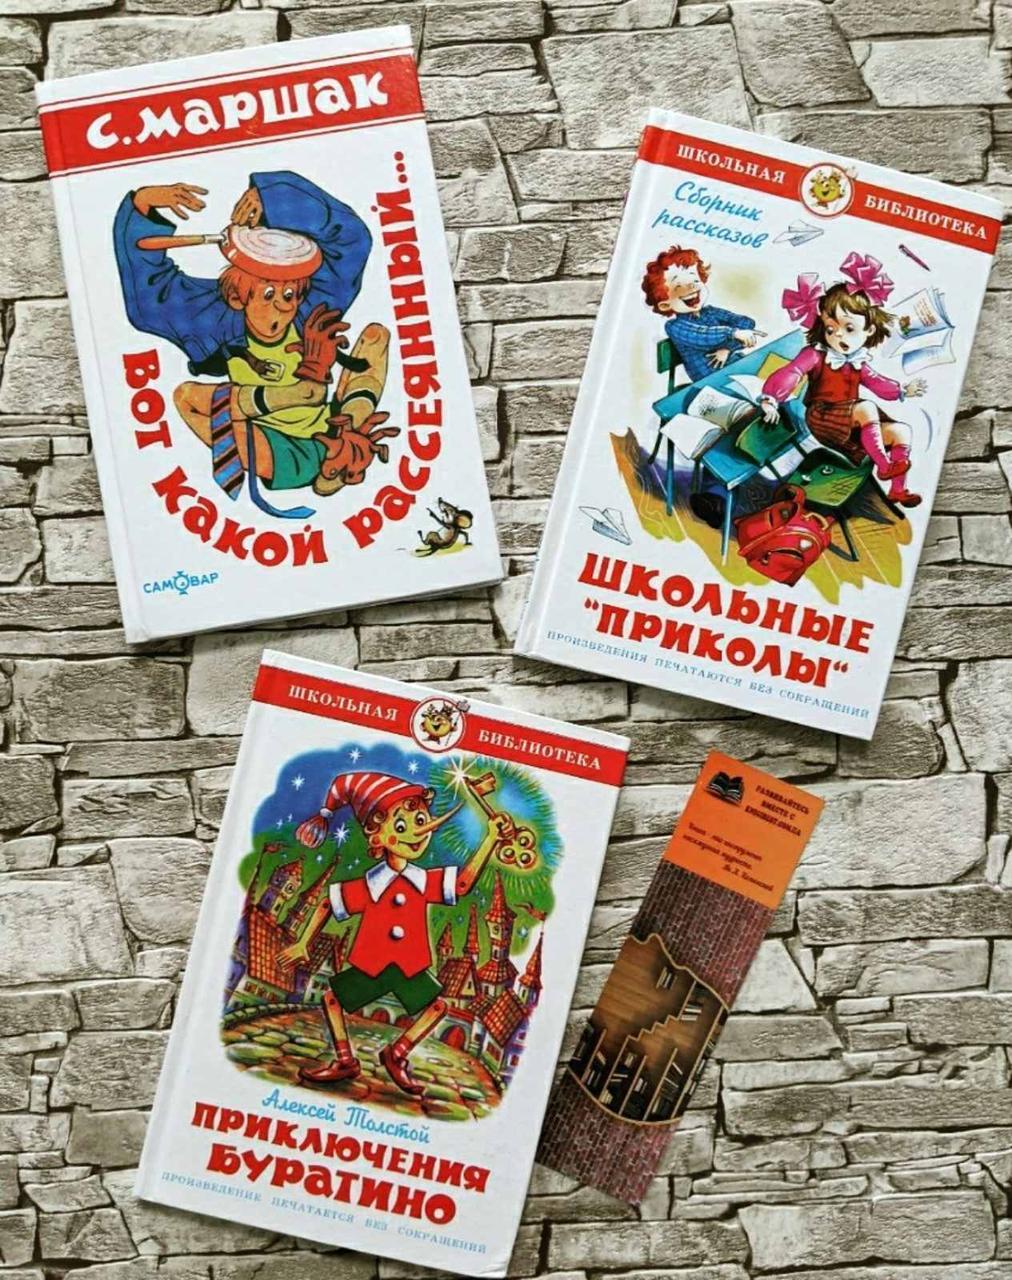 """Набор книг """"Вот какой рассеянный..."""" Самуил Маршак, """"Приключения Буратино"""" А.Толстой, """"Школьные приколы"""""""